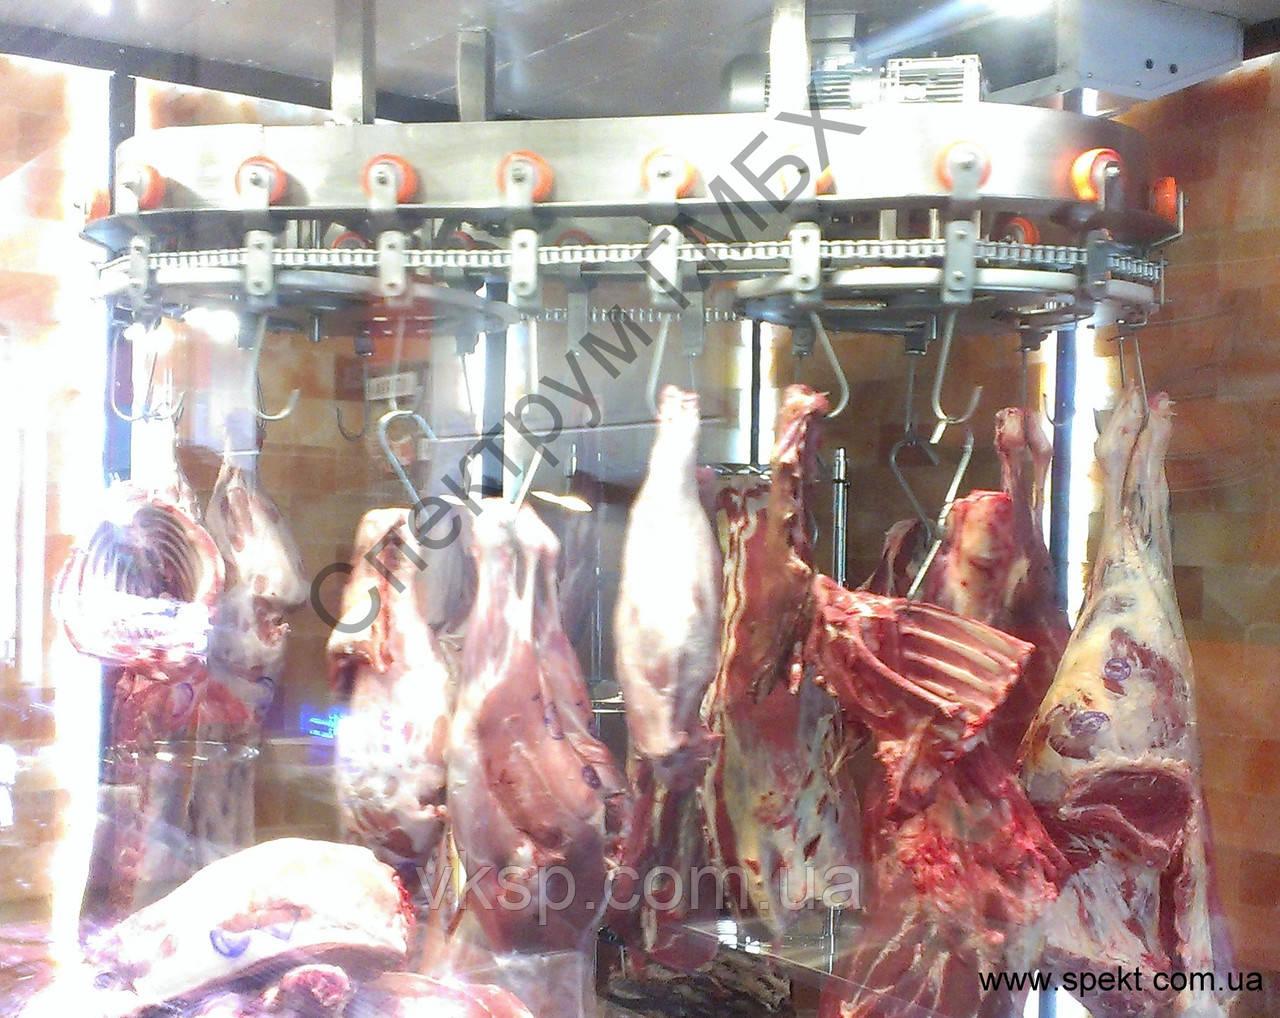 Конвейер роликовый подвесной для демонстрации мяса в магазинах